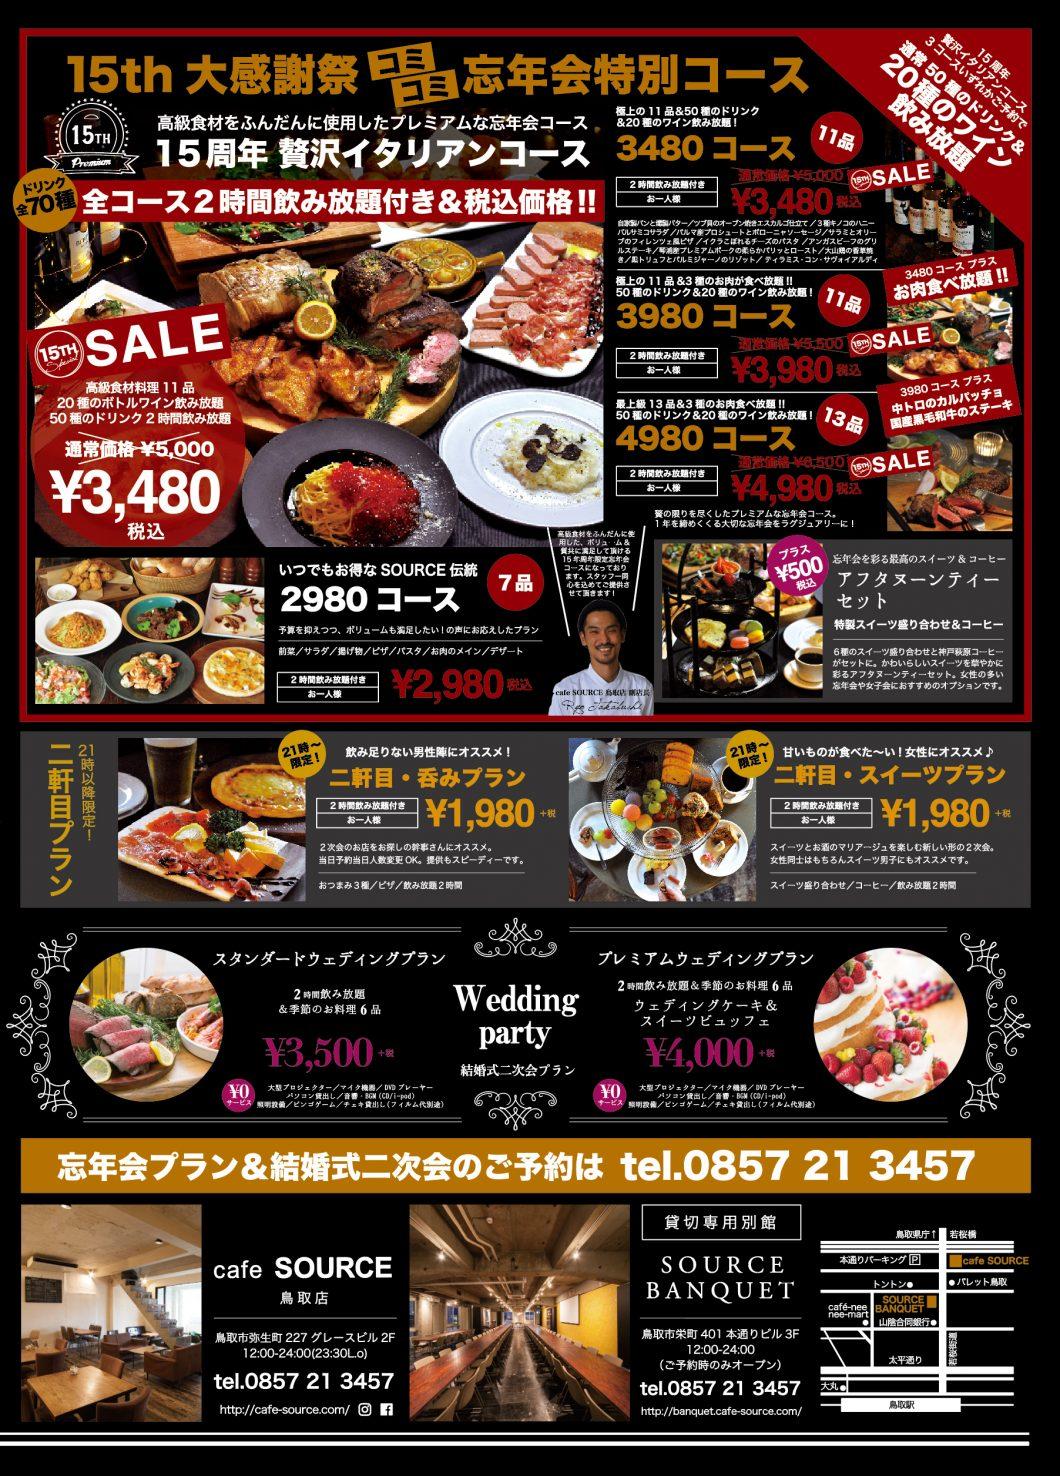 cafe SOURCE 15周年感謝祭 SALE!